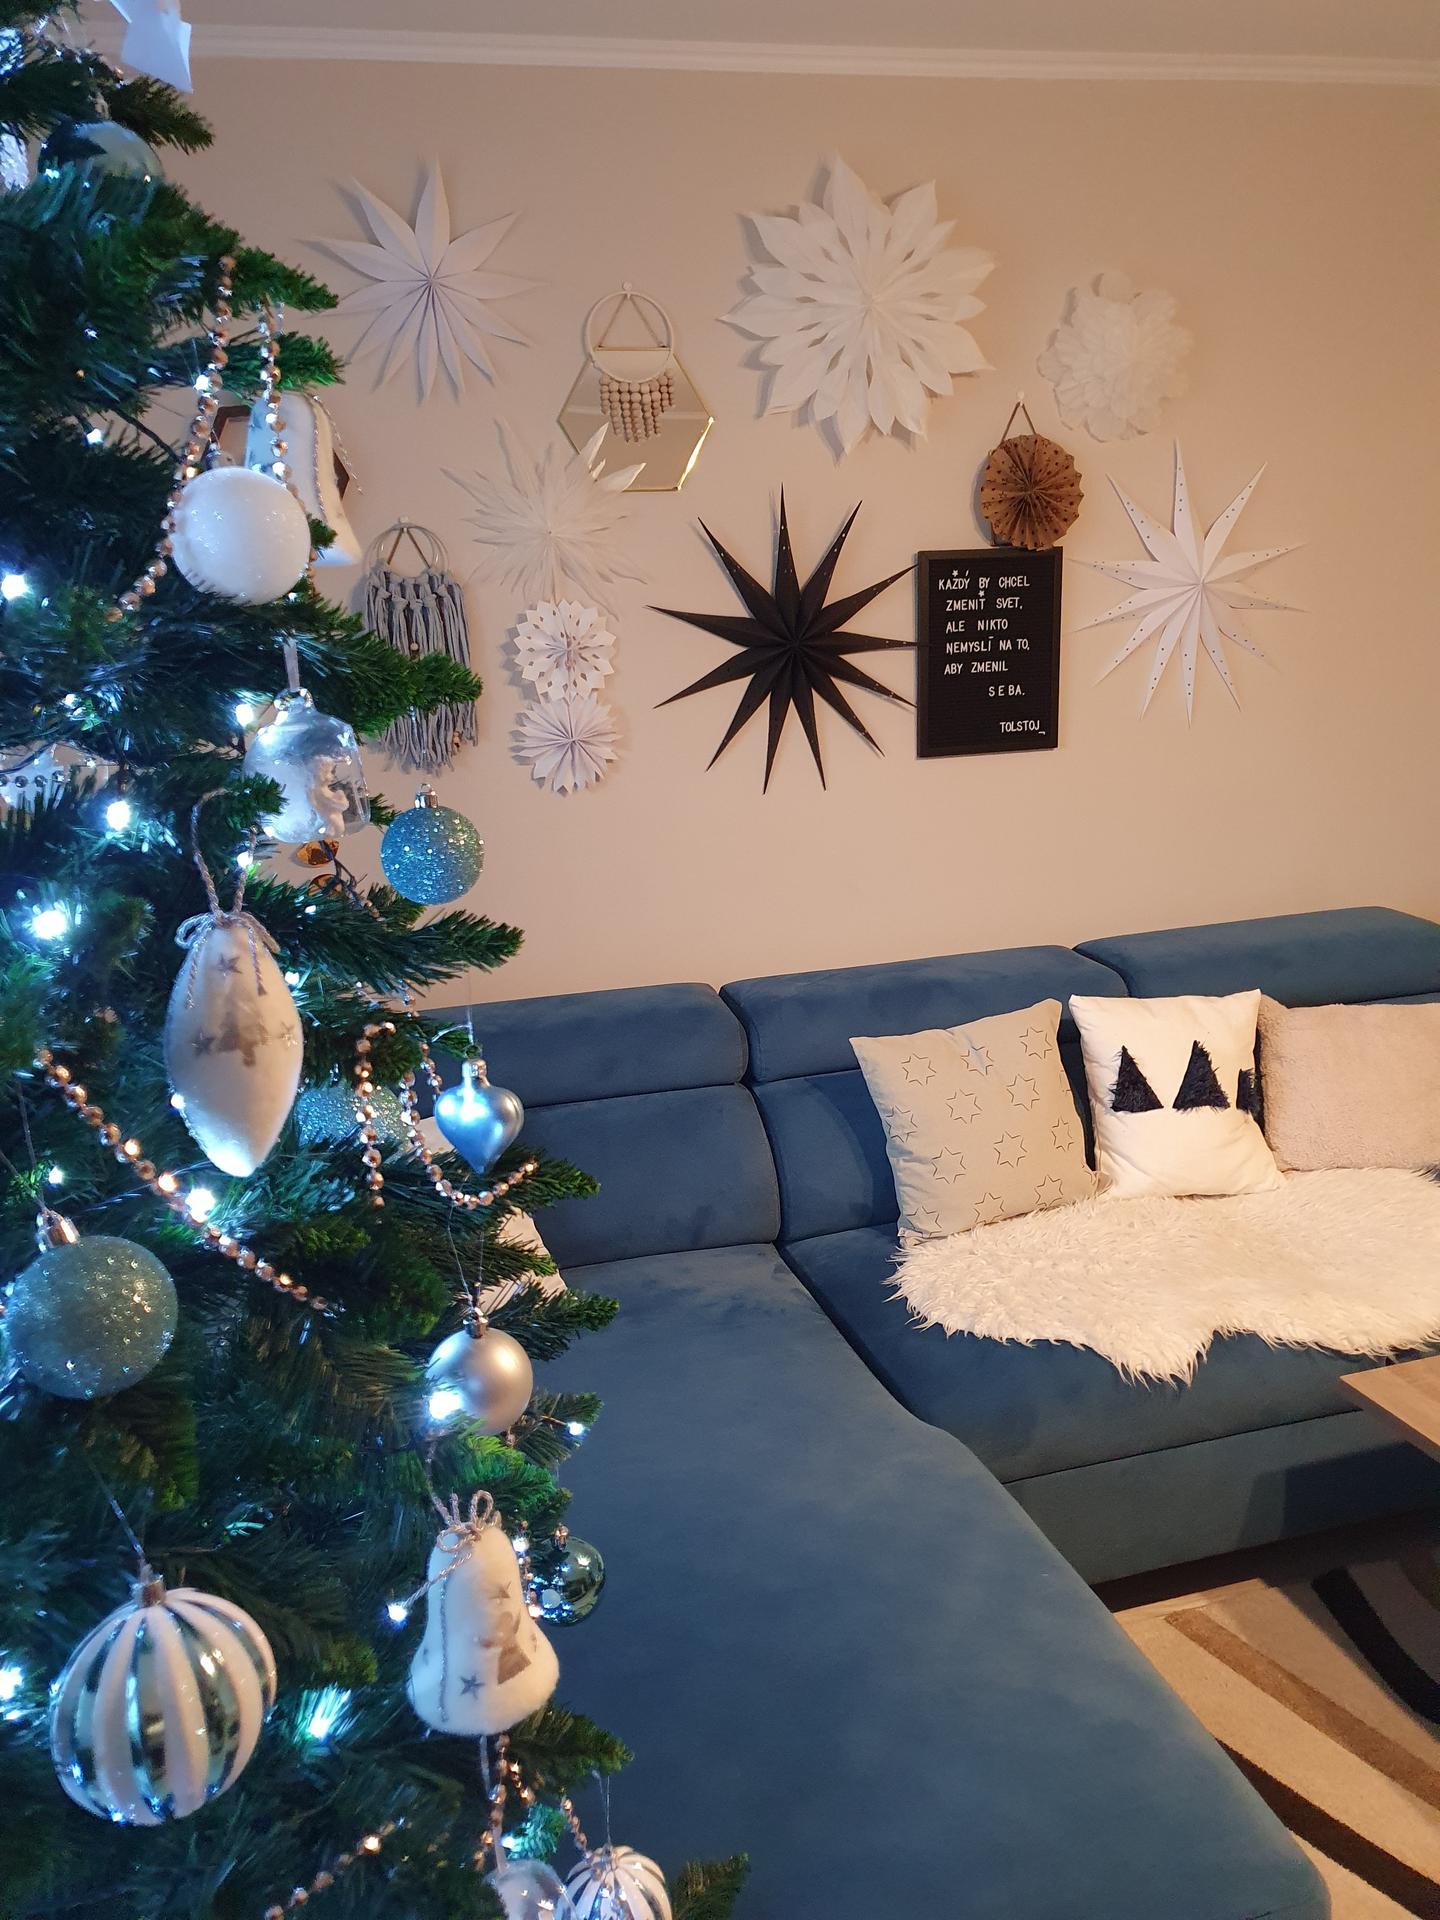 Vianočné dekorácie/Vianočná inšpirácia - Obrázok č. 16